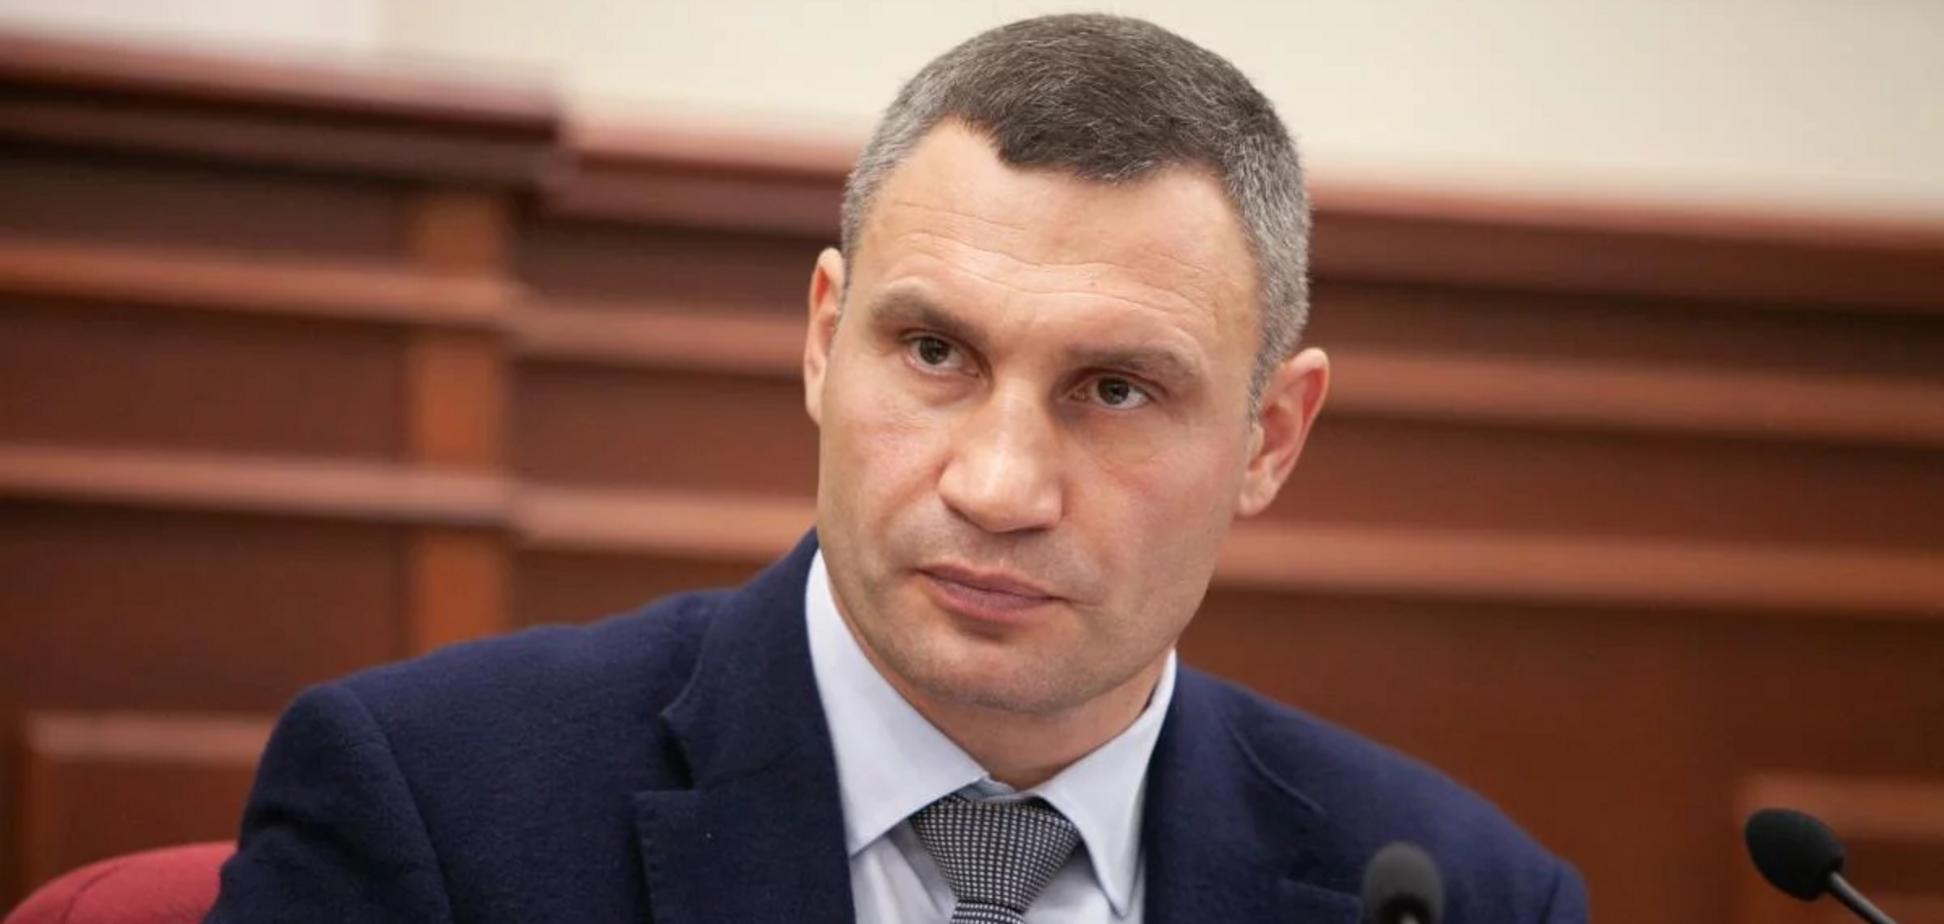 Кличко повідомив, що Київ готовий розгорнути до 11 тисяч ліжок для хворих на коронавірус. Фото: Zik.ua